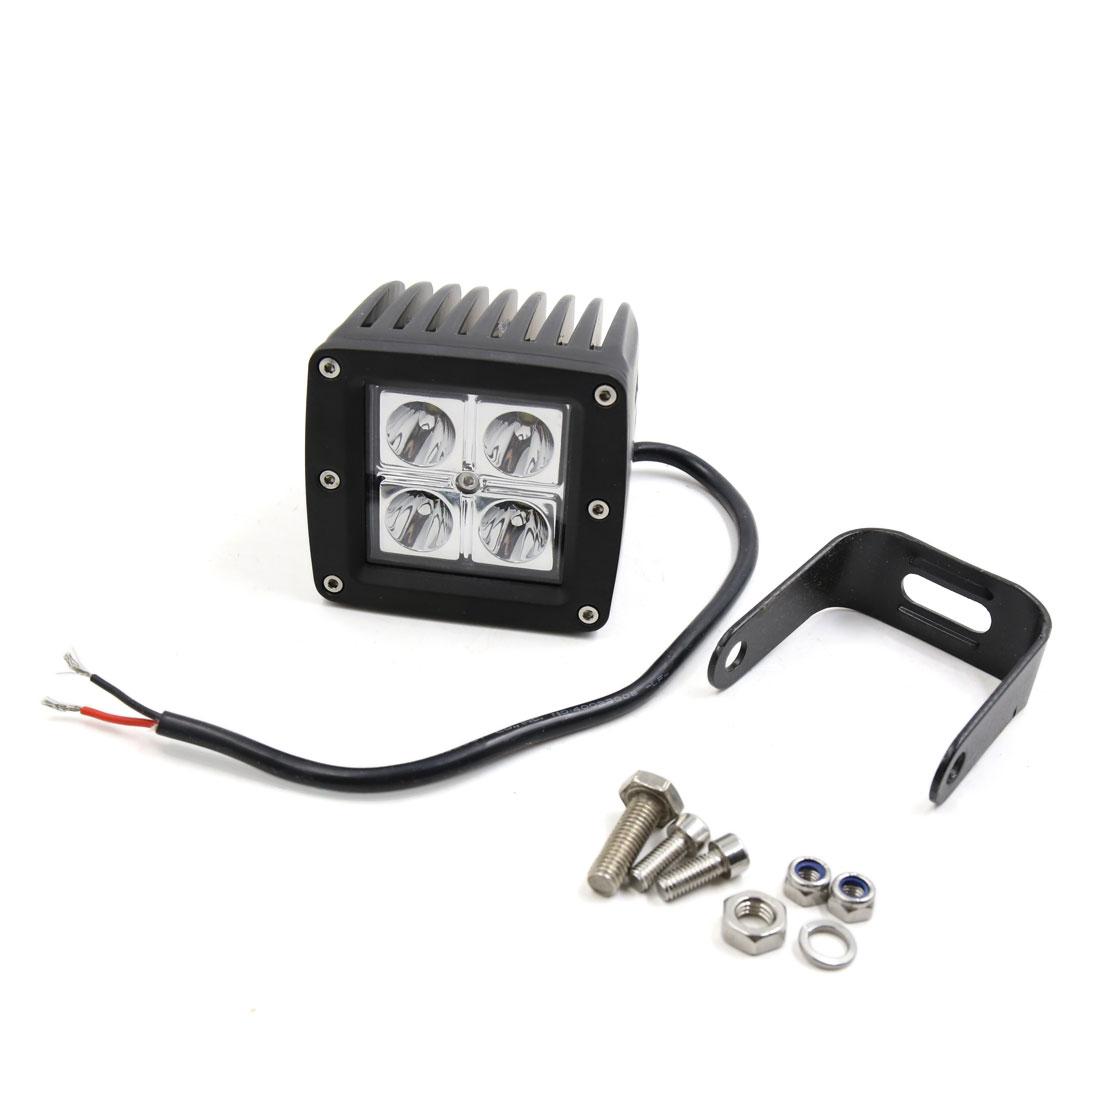 10W 12V Car Truck White 4 LED Bulb Spotlight Working Lamp Light Internal